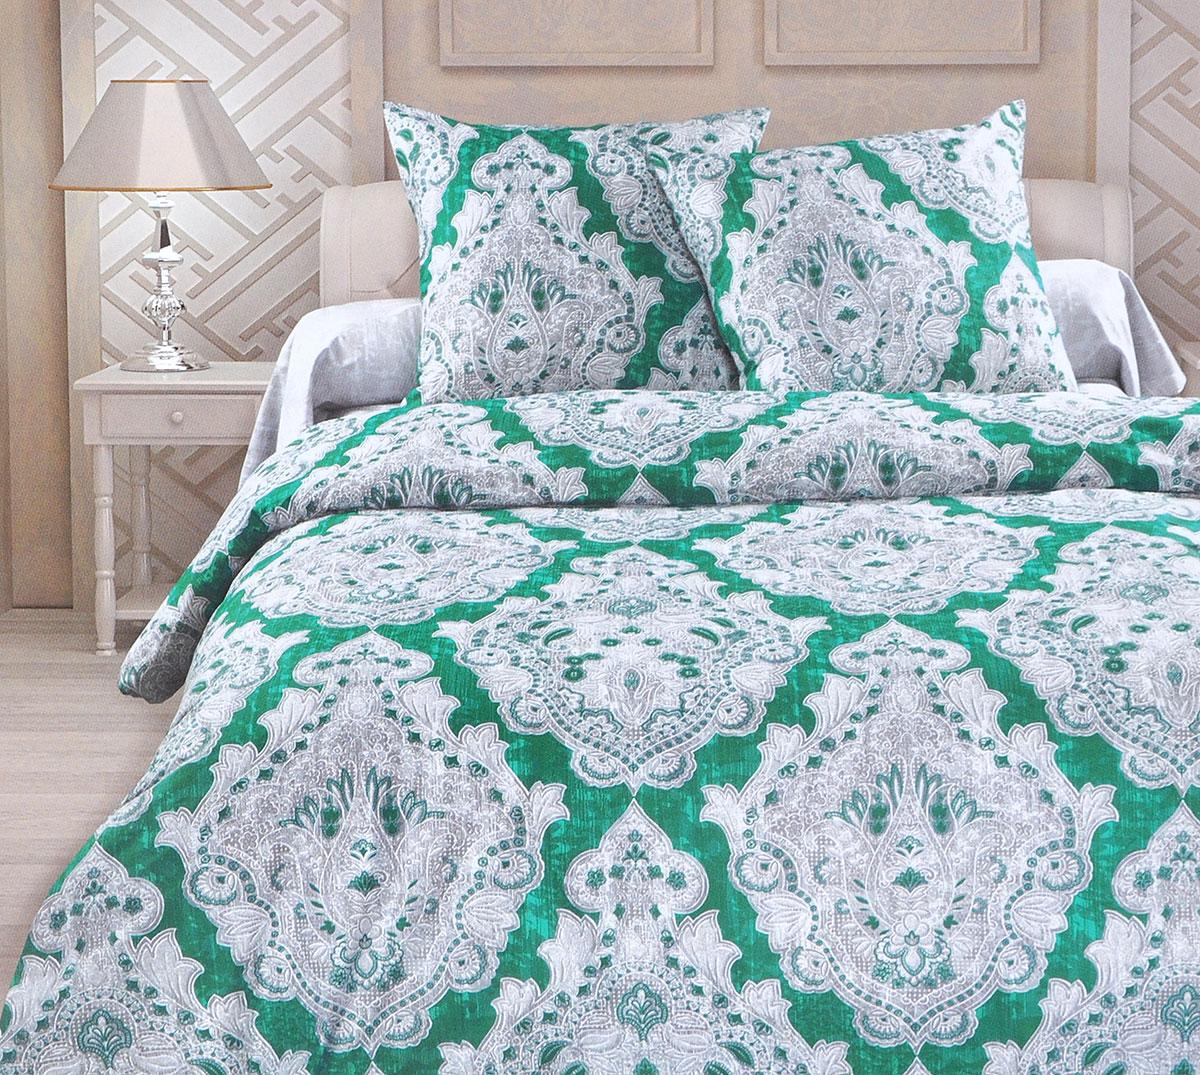 Комплект белья Унисон Маркиза, 1,5-спальный, наволочки 70x70 постельное белье унисон комплект постельного белья 2 0 биоматин руан